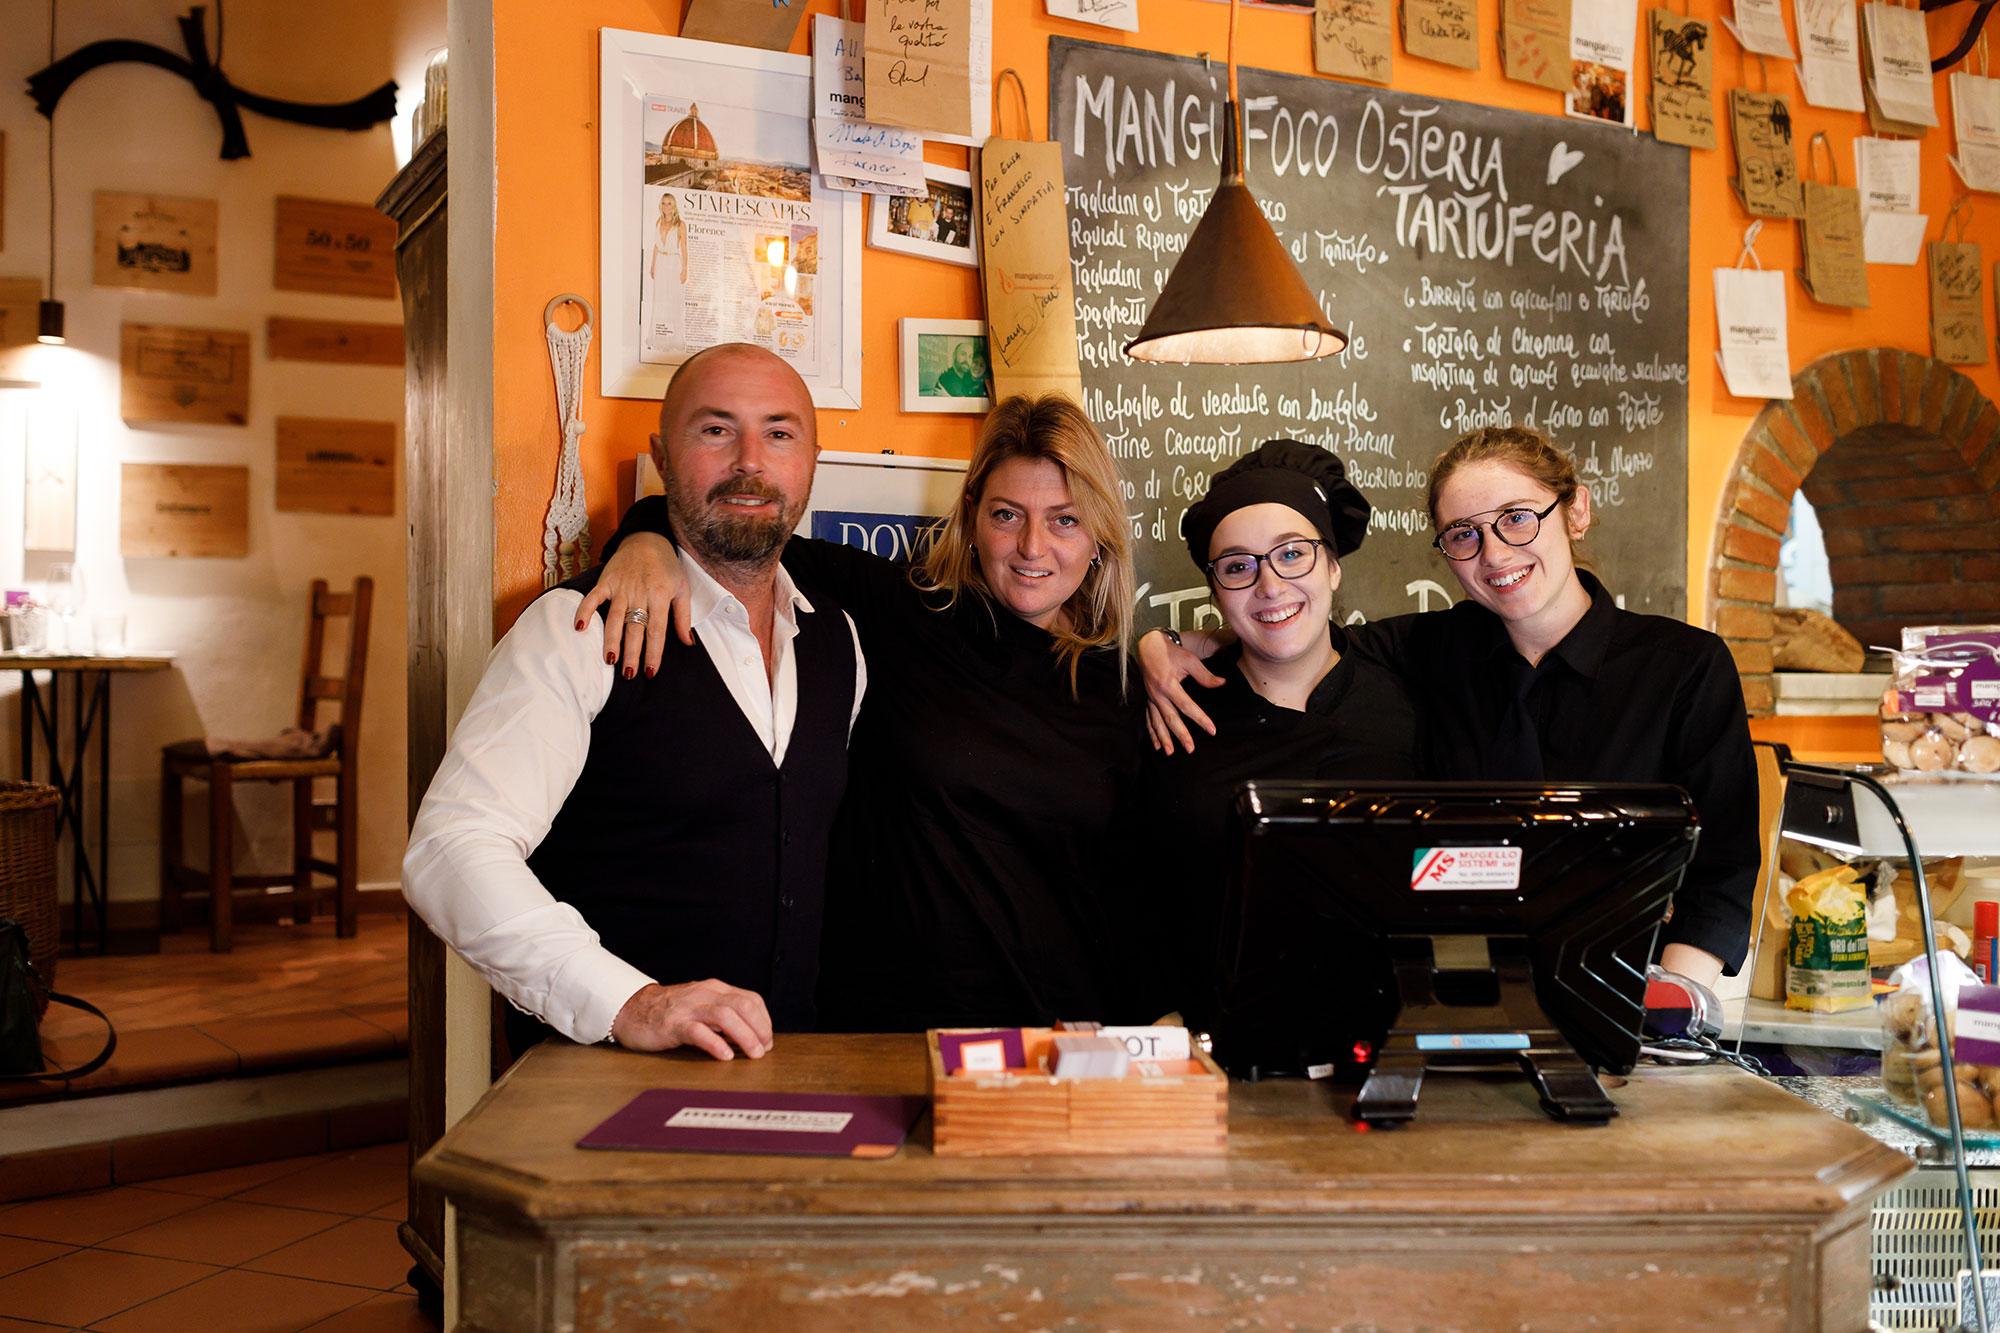 Lo staff Di Mangiafoco Osteria tartuferia a Firenze